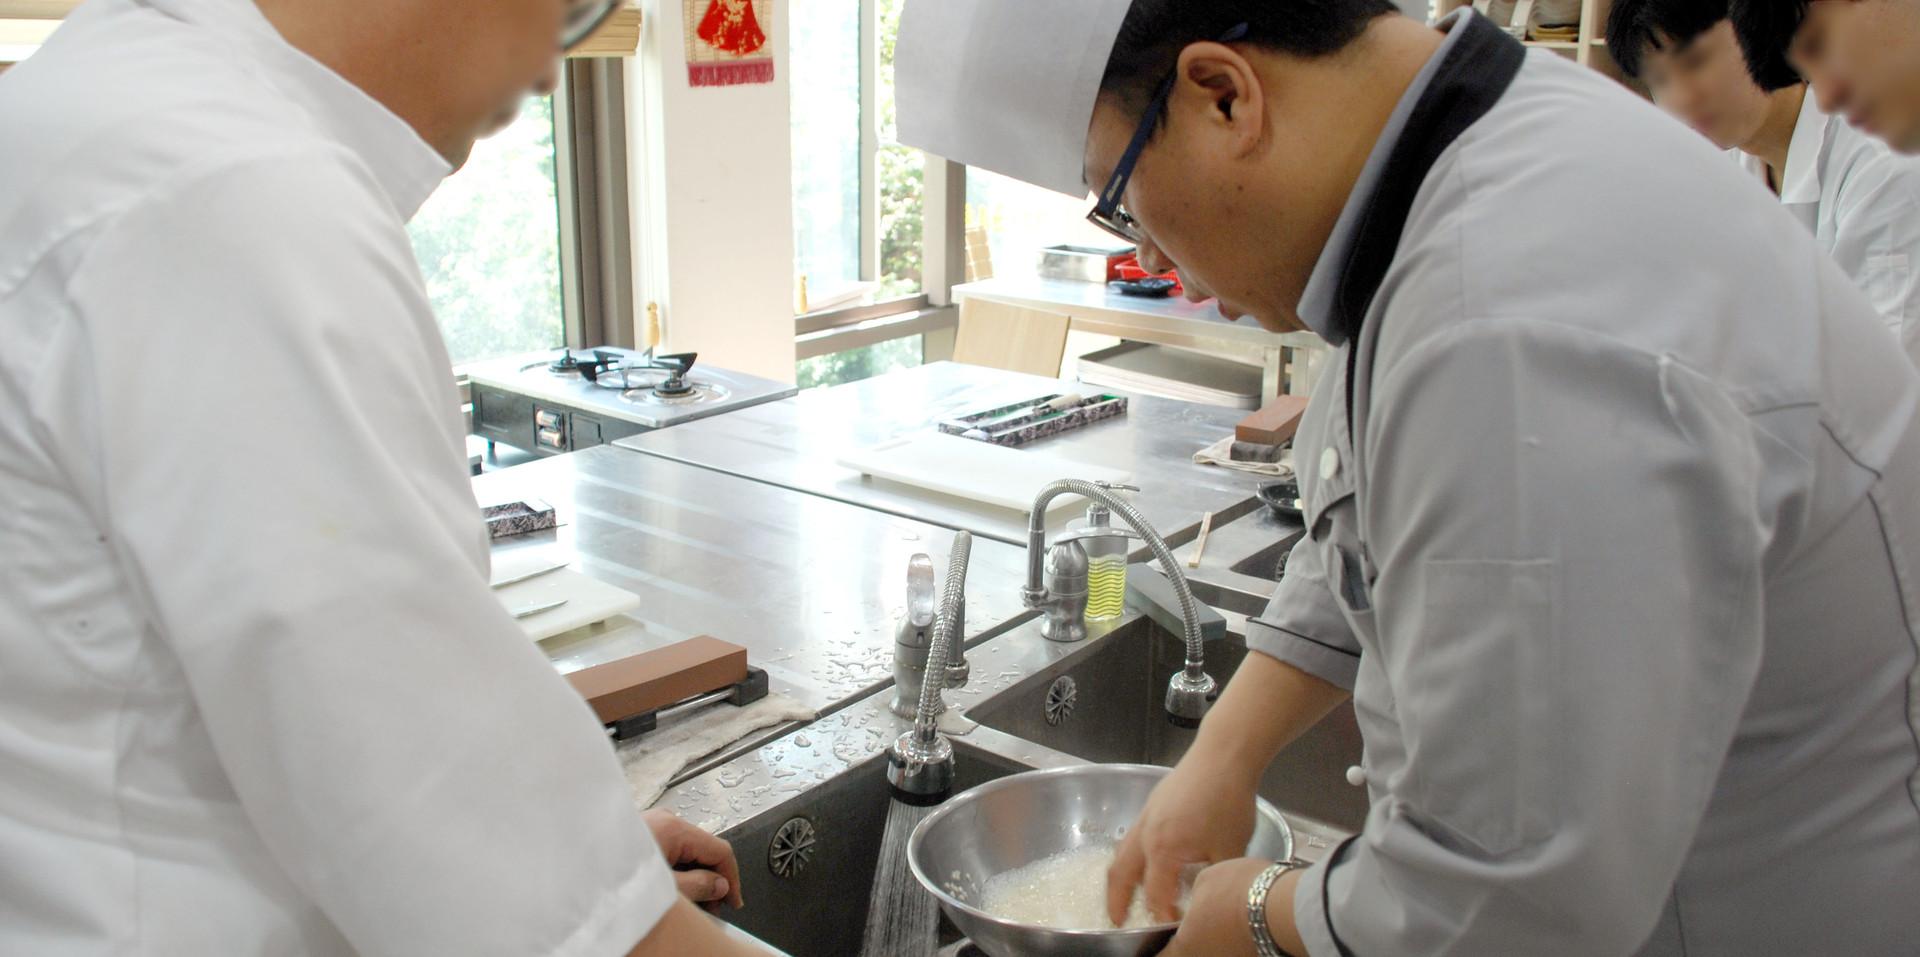 초밥 밥 짓기